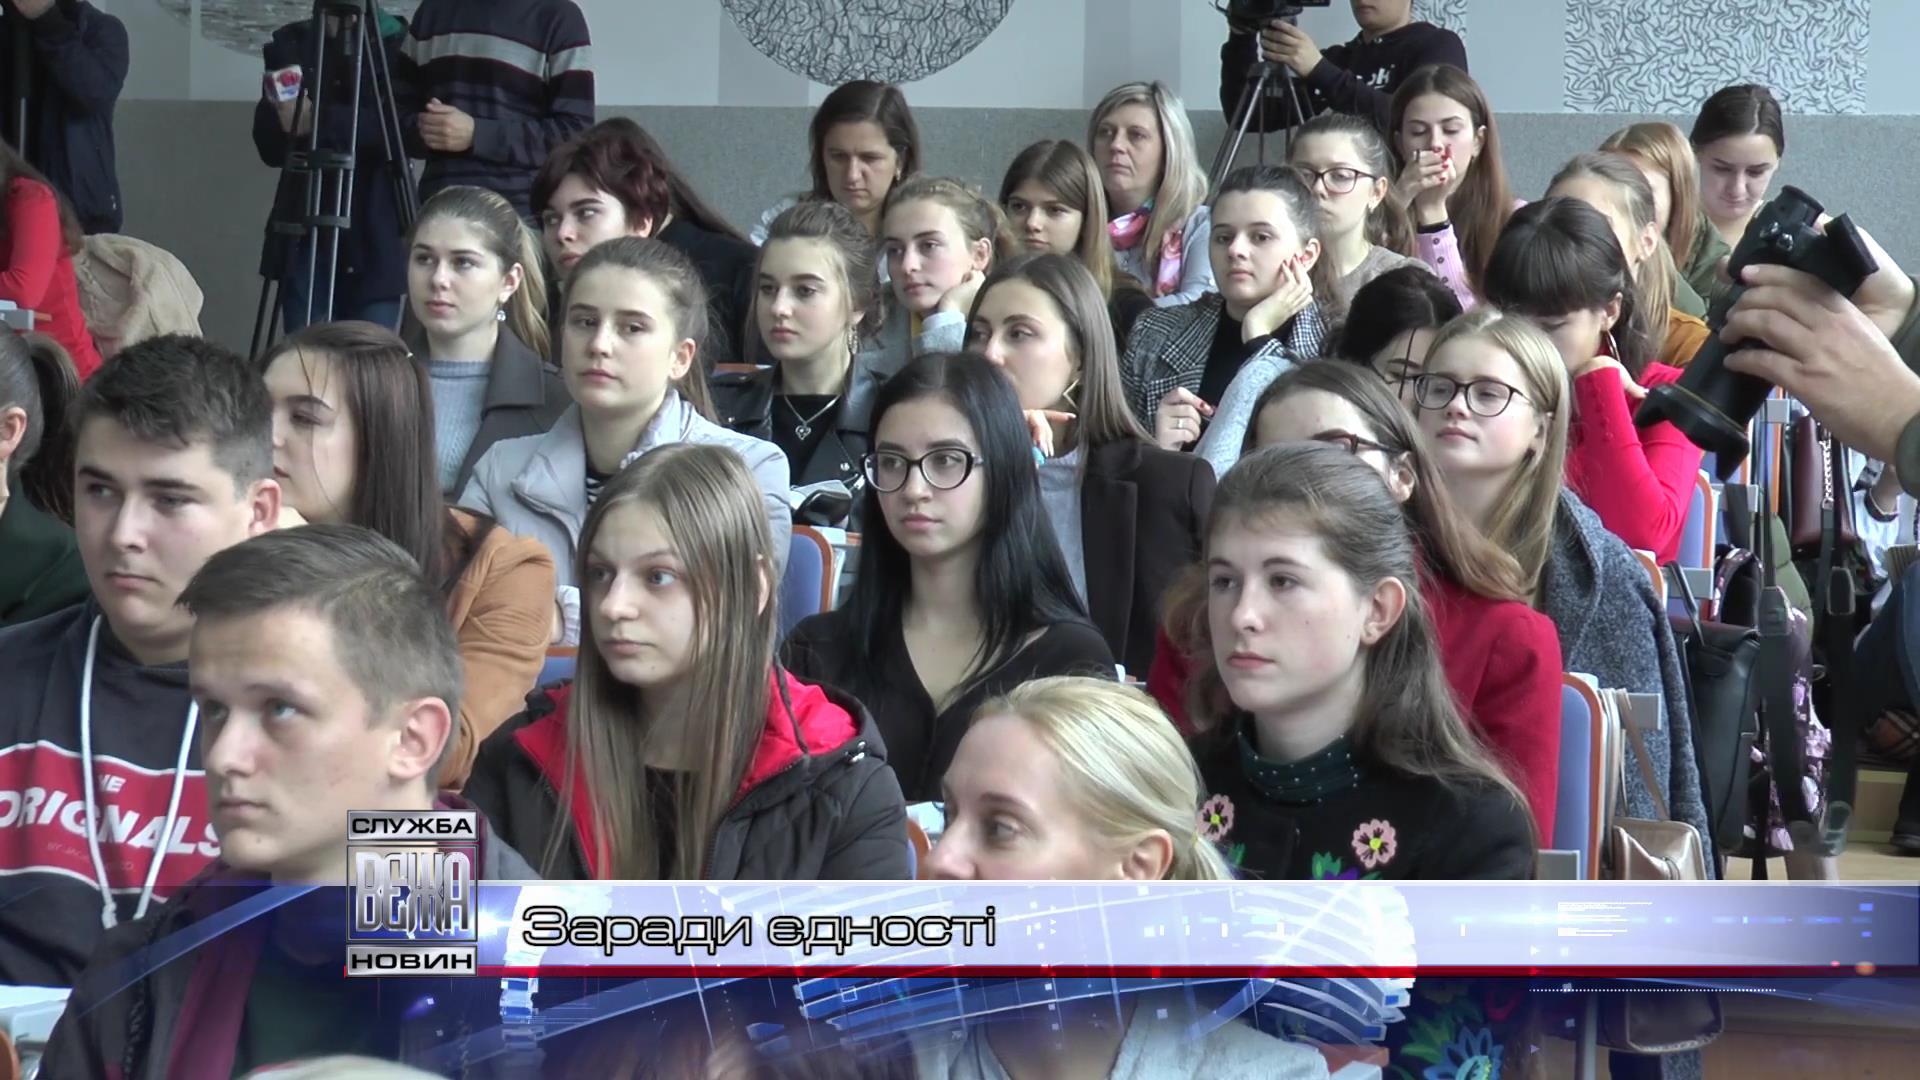 Іванофранківці долучилися до всеукраїнського радіодиктанту[02-14-18]